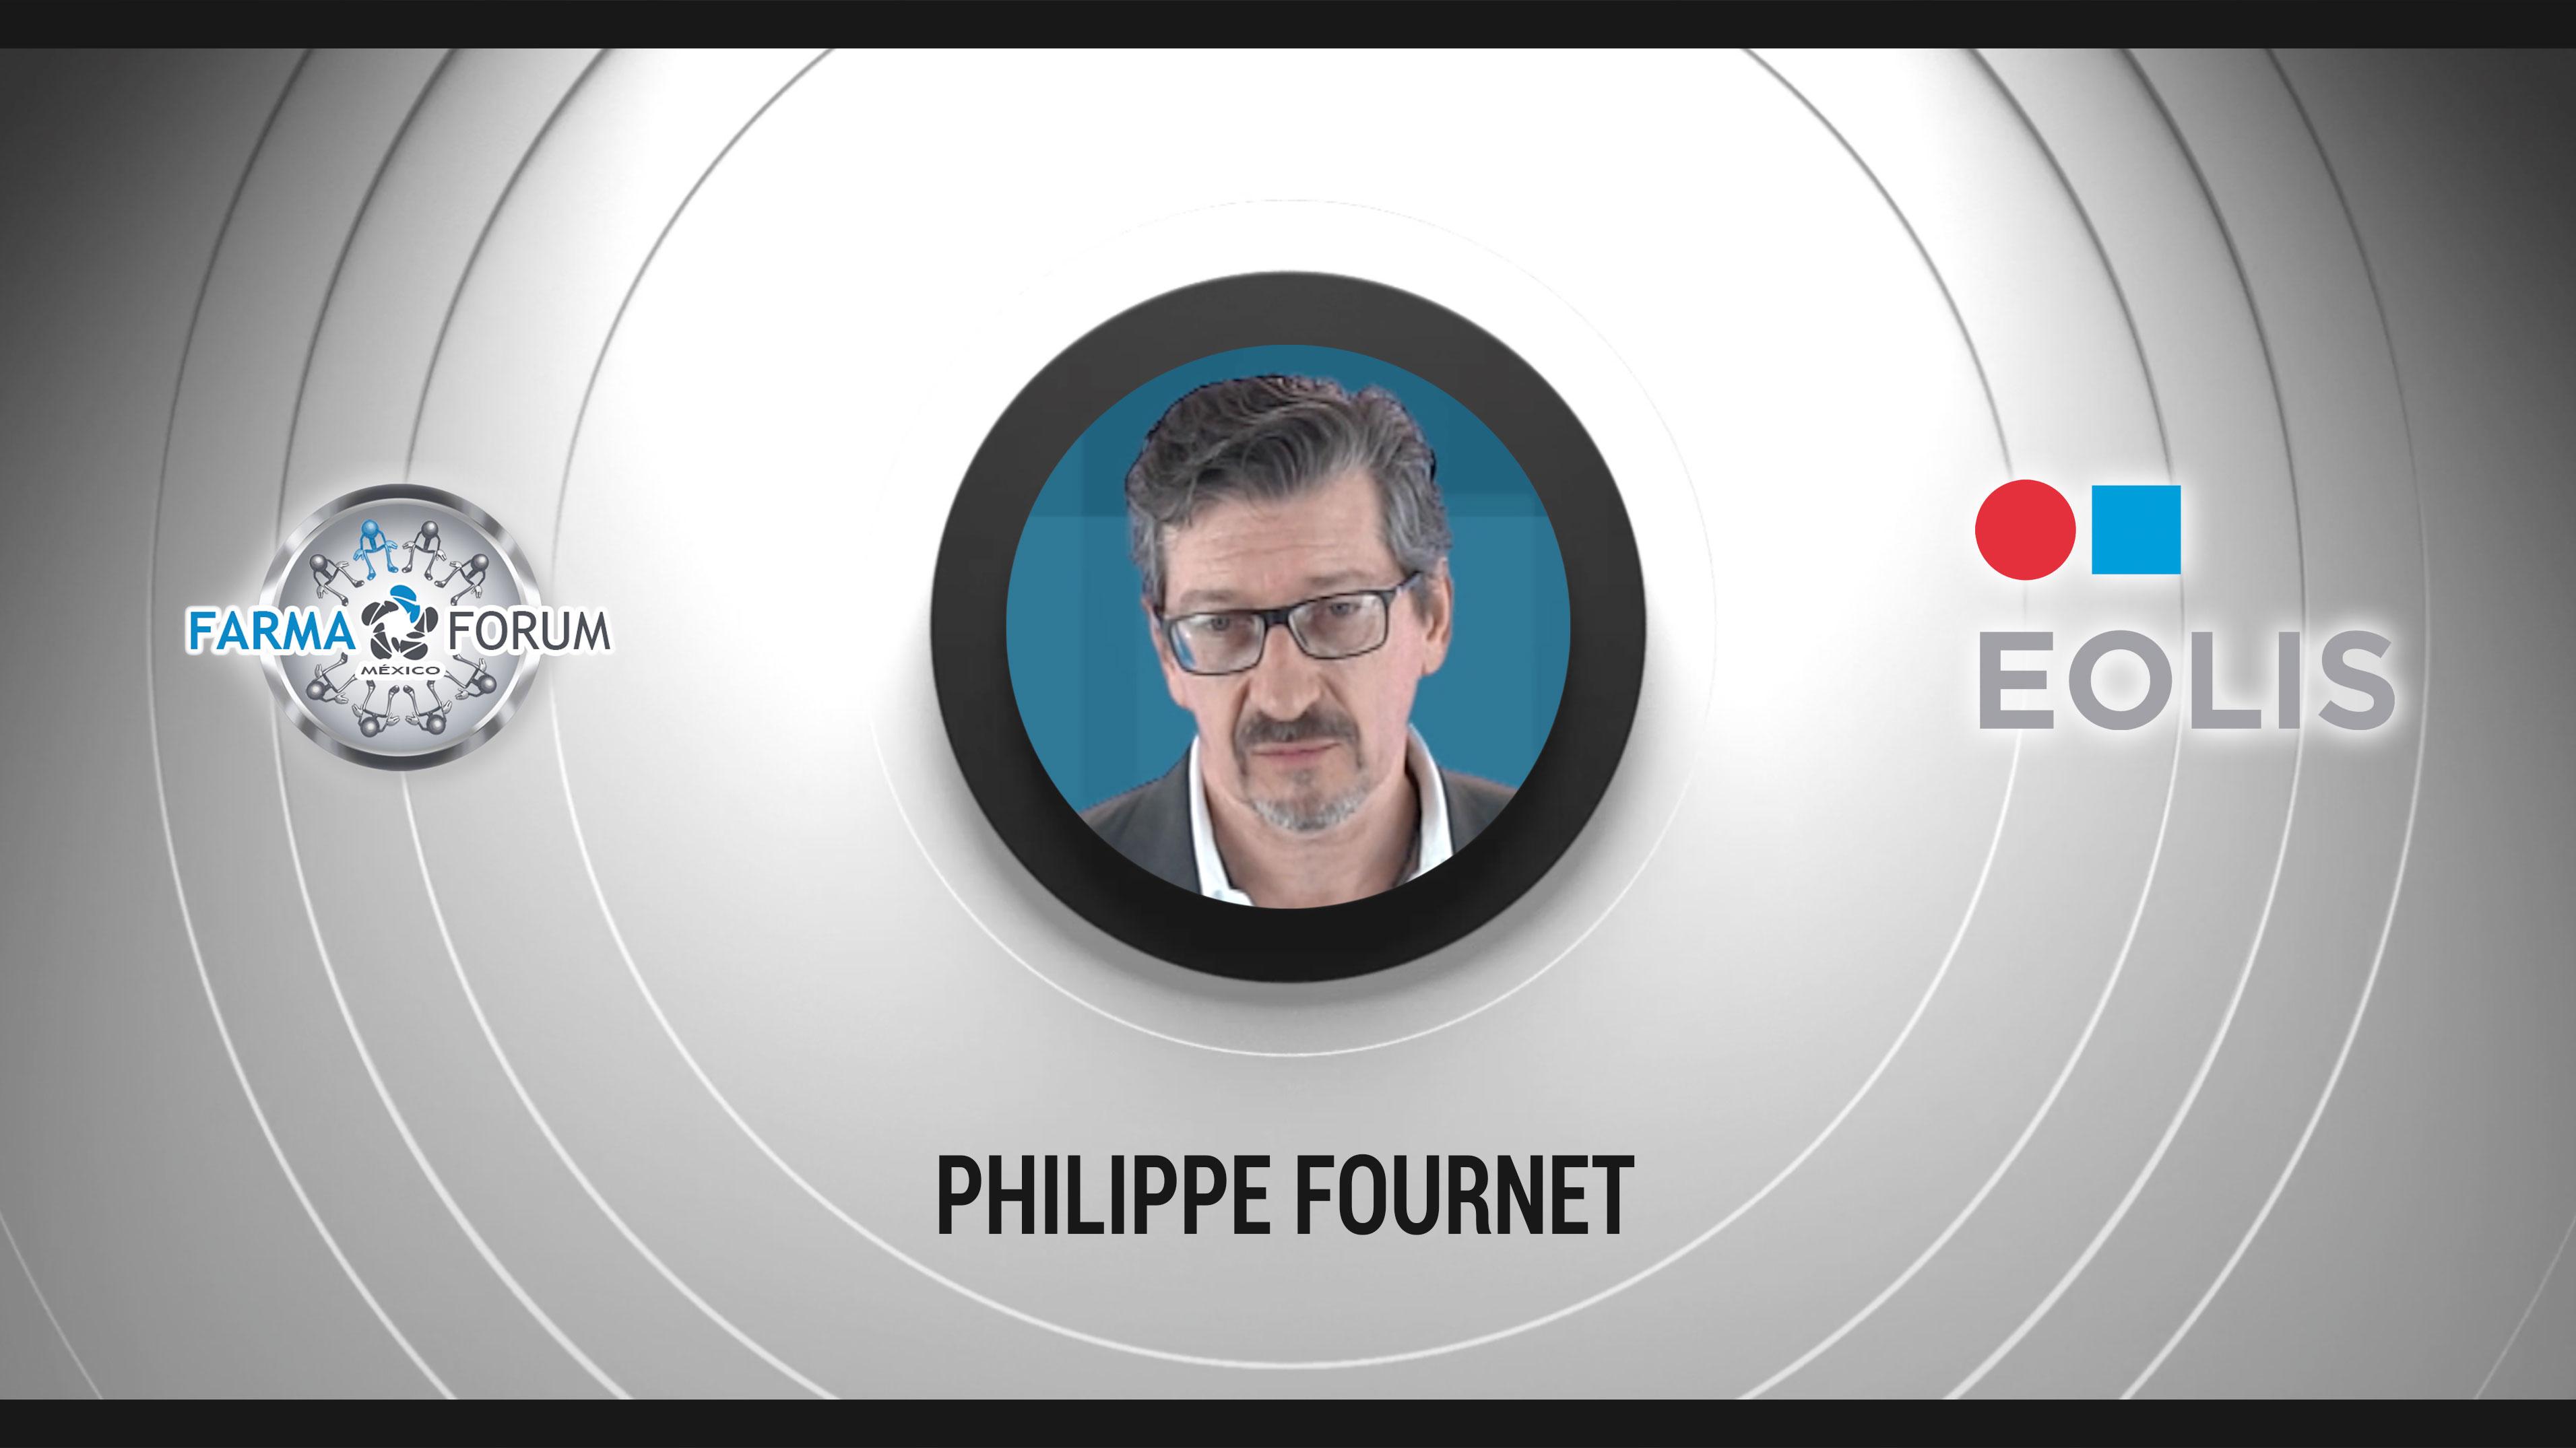 PHILIPPE FOURNET - Bioseguridad: principios básicos, elementos de diseño